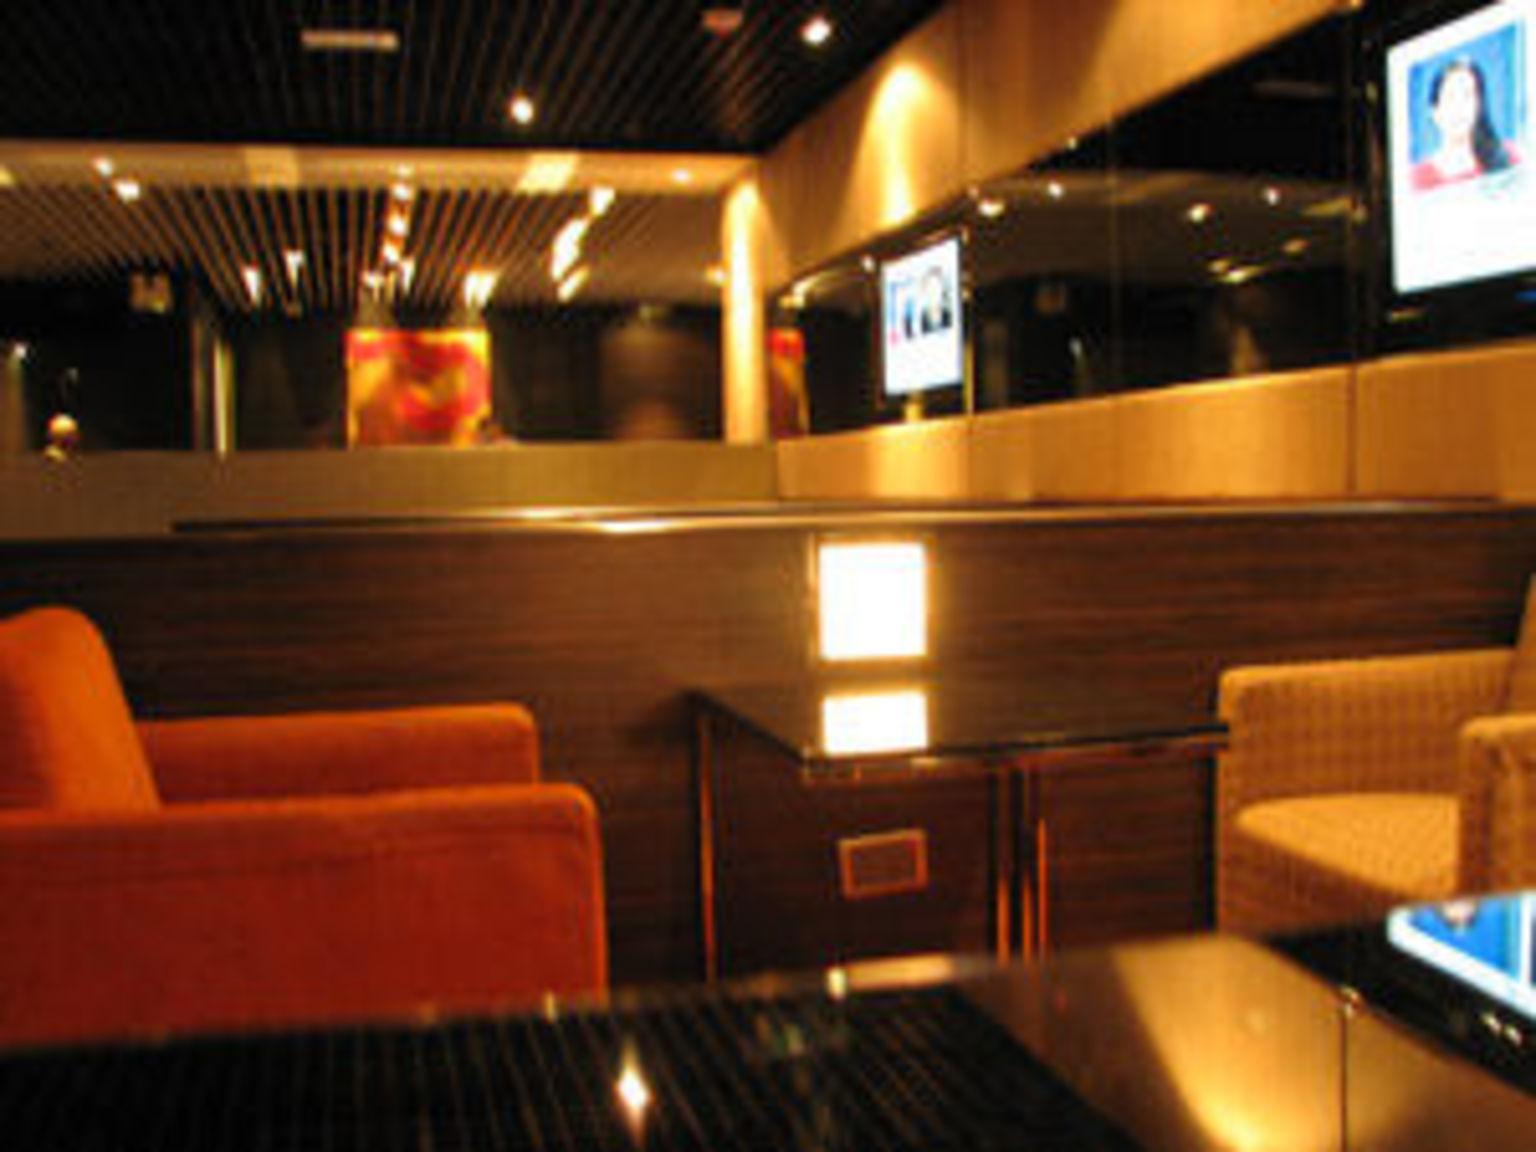 MÁS FOTOS, Sala VIP del aeropuerto internacional de Hong Kong.